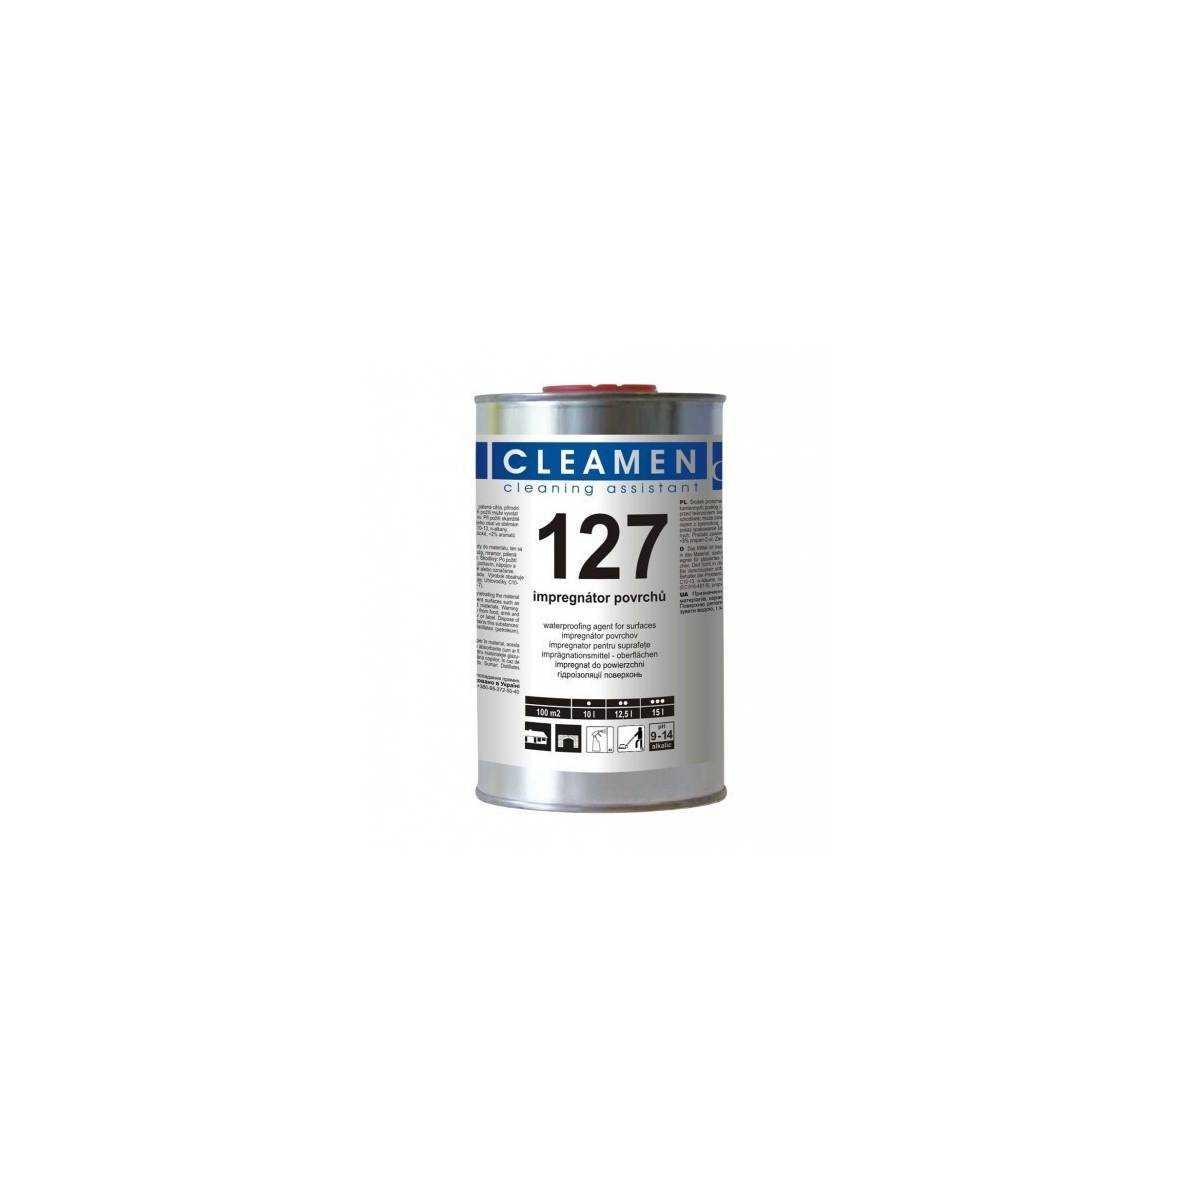 Защитное покрытие для пористых поверхностей Cleamen127 1л VC127010099 ECOCHEM